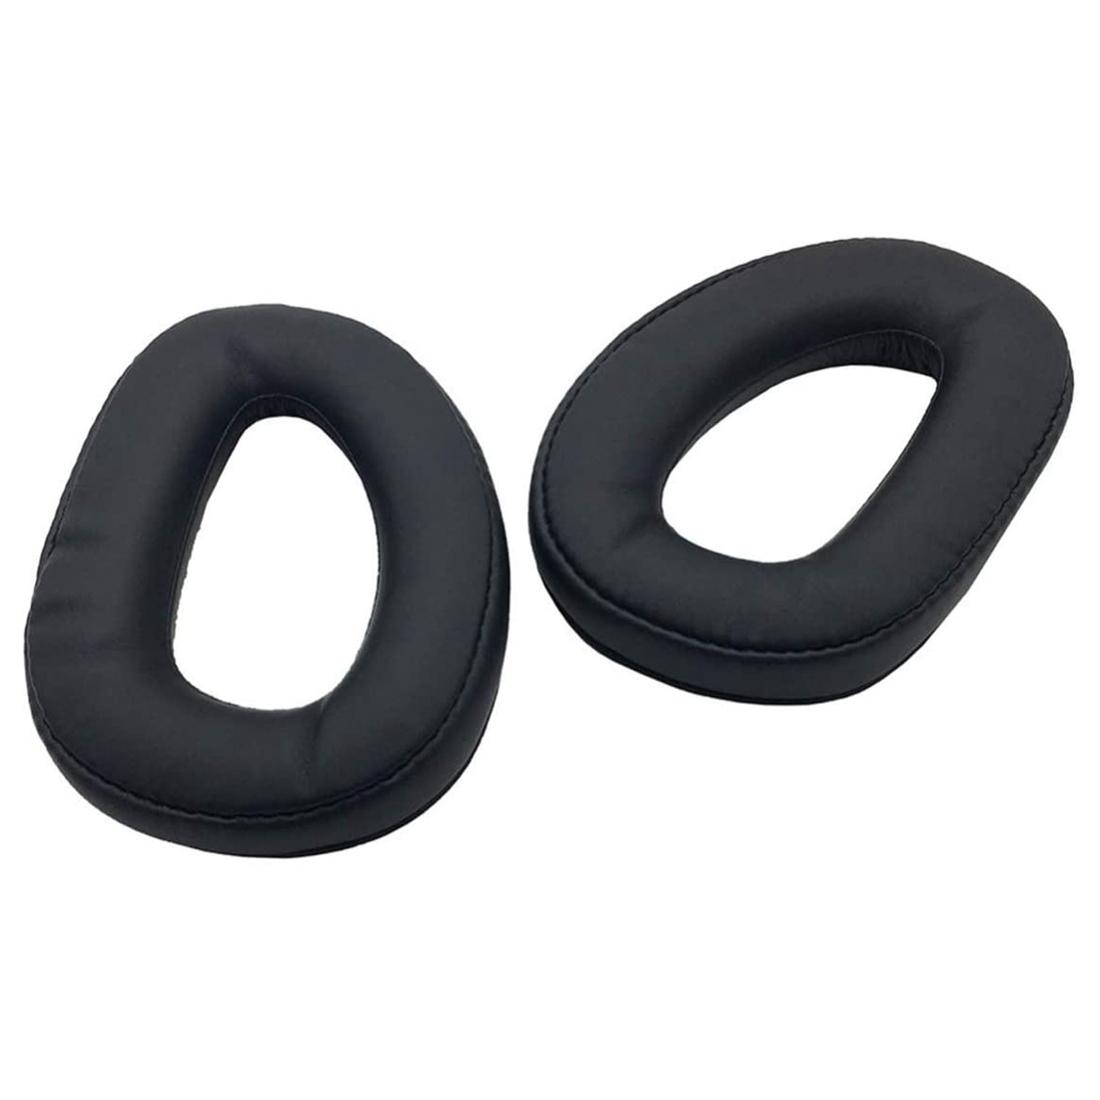 [해외] 젠하이저 GSP300 GSP301 GSP302 GSP303 GSP350 GSP370에 귀 패드 소프트 폼 헤드폰 이어 패드 이어 쿠션 커버  {크기:하나}  보여진 바와 같이